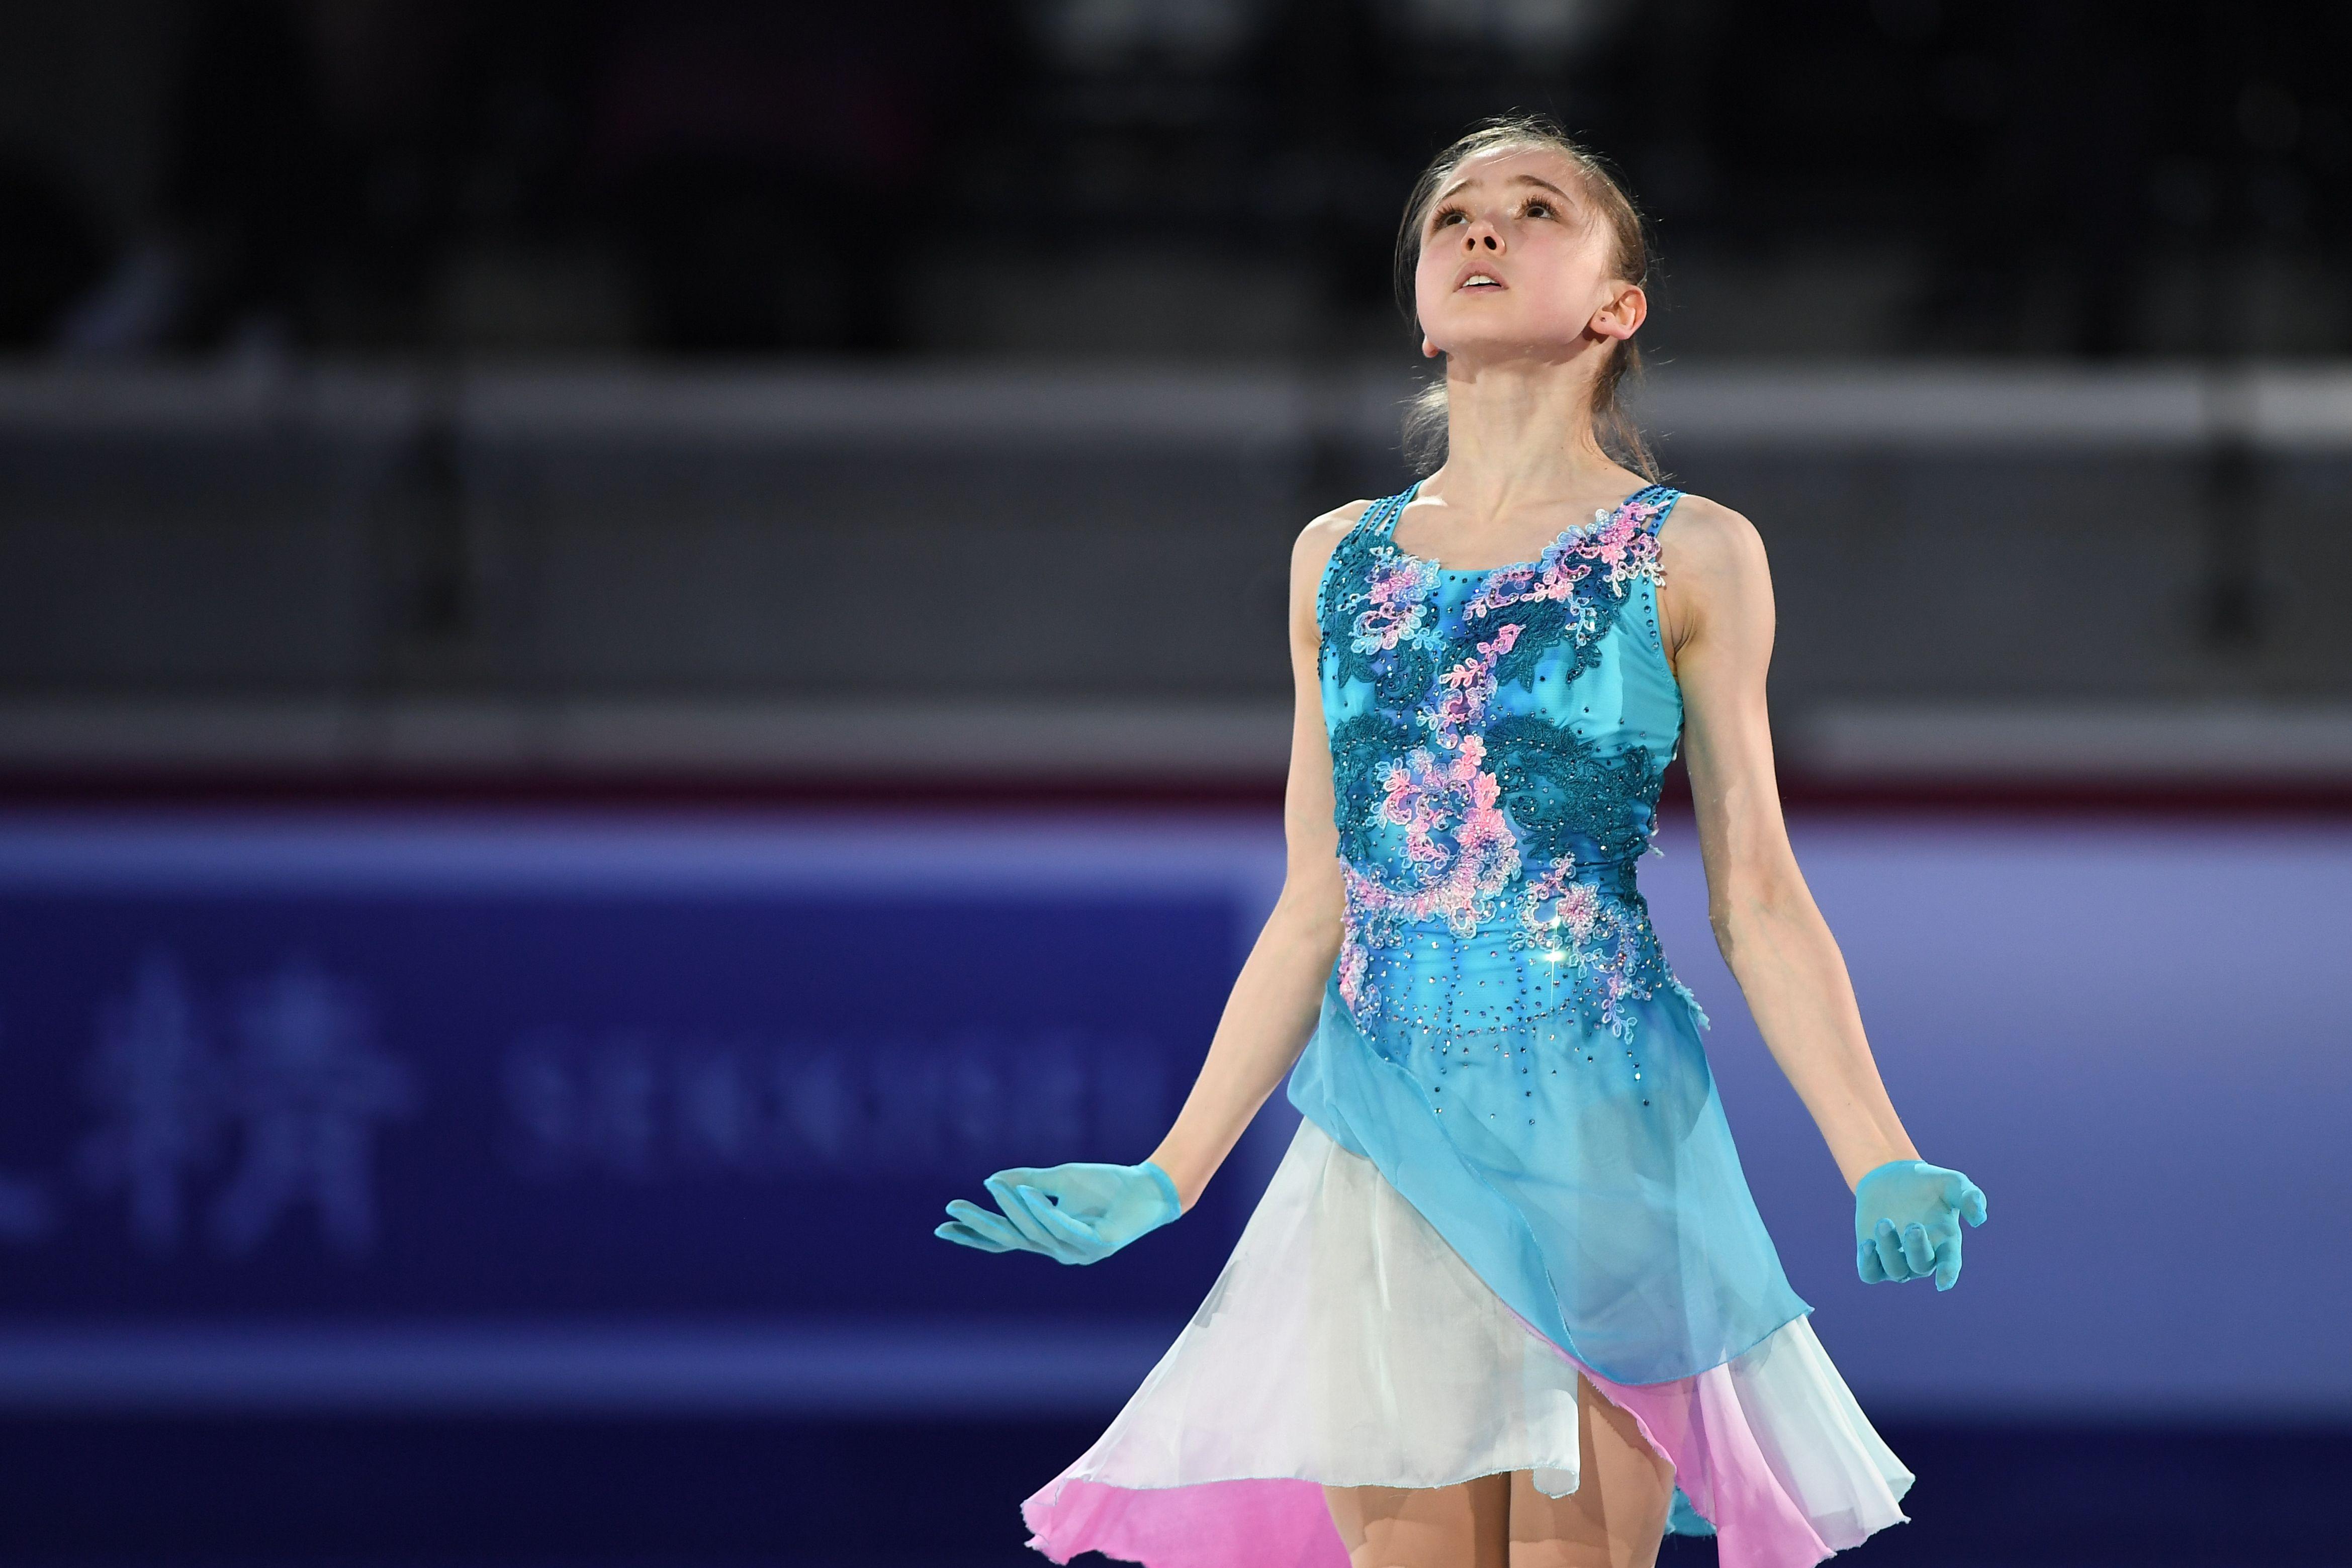 Забавный танец фигуристок Тутберидзе в поддержку Щербаковой перед стартом ЧМ. ВИДЕО